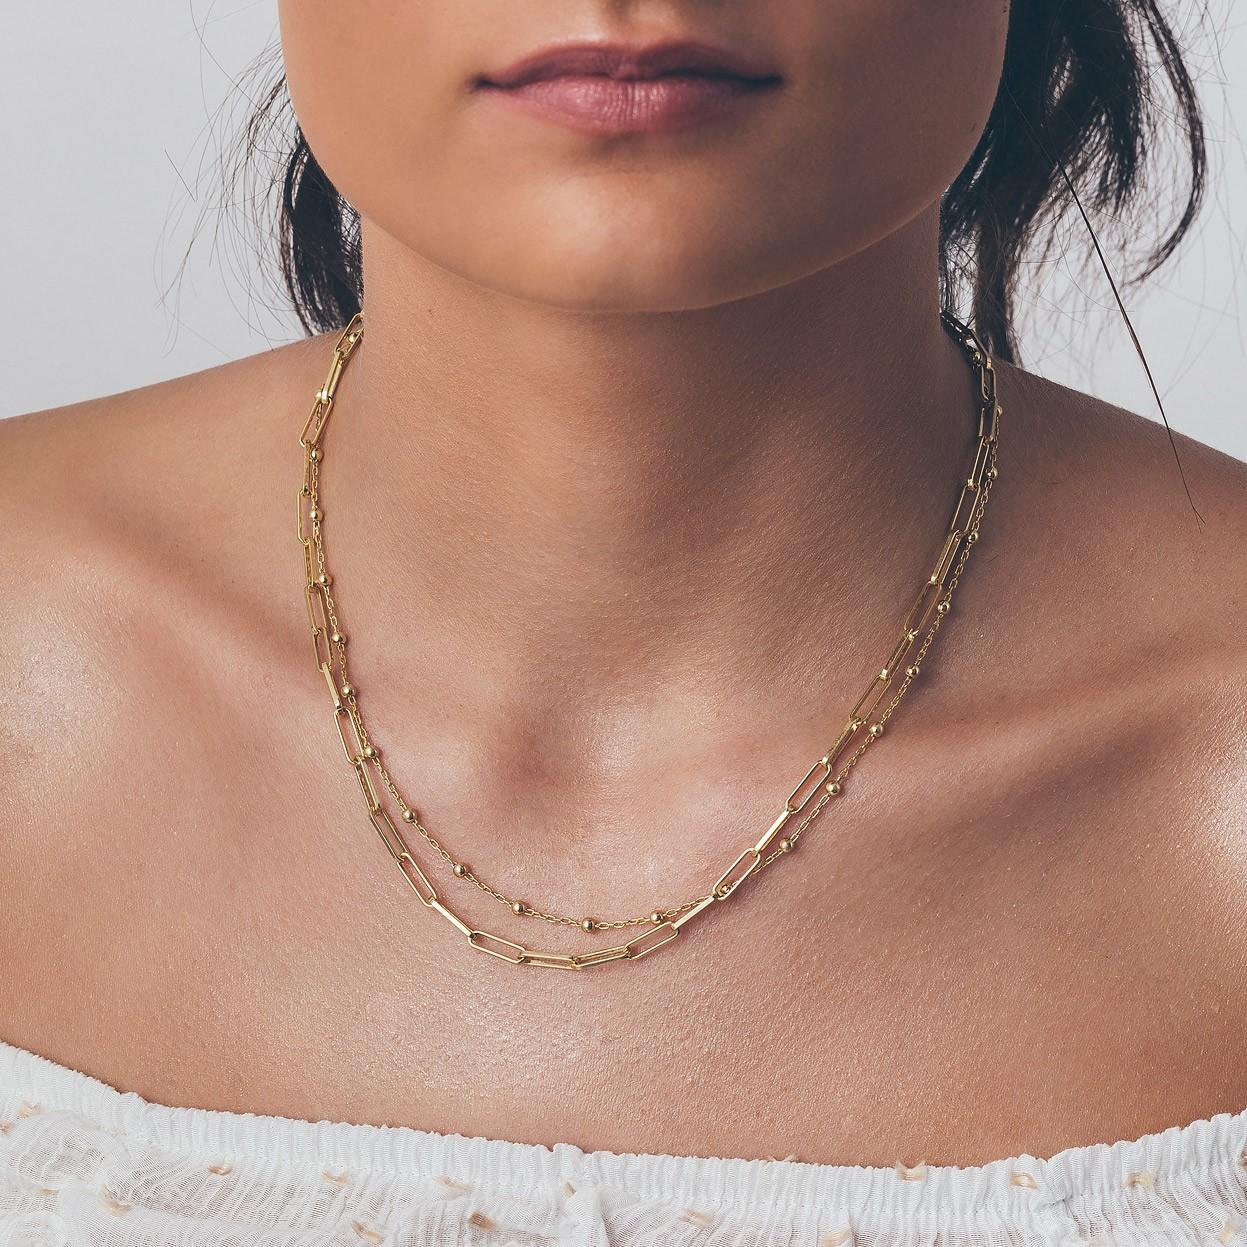 Srebrny łańcuszek kulkowy do wpinania charmsów 925